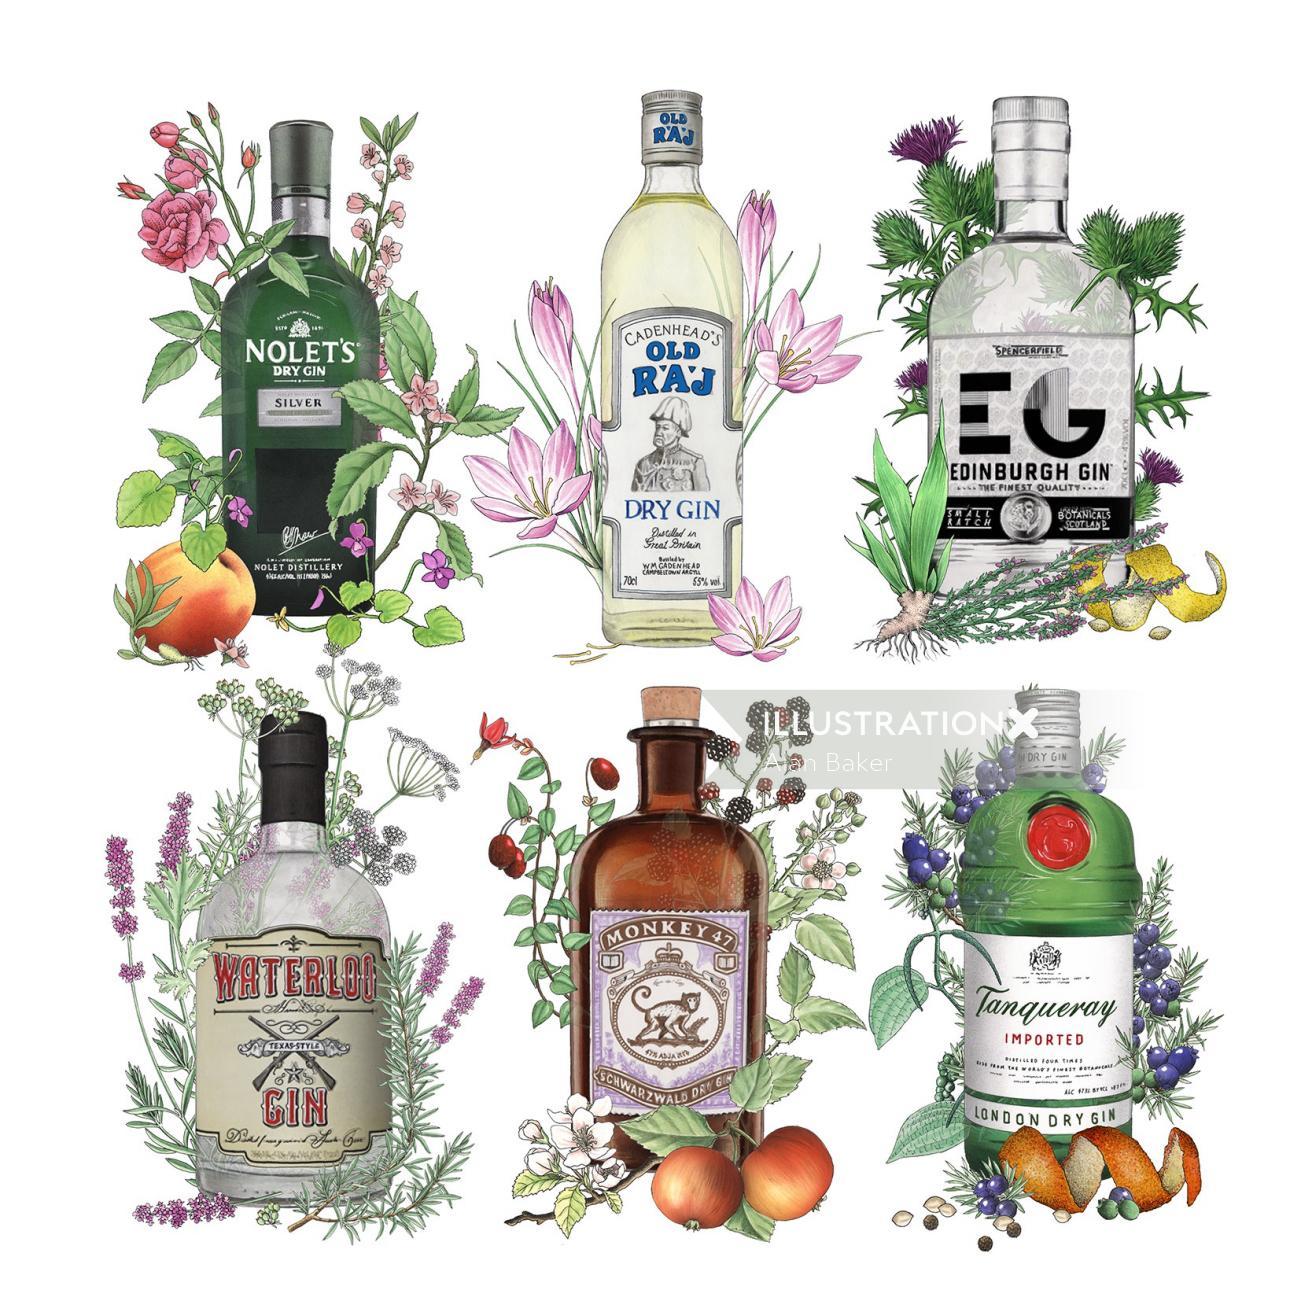 Gin bottles illustration by Alan Baker